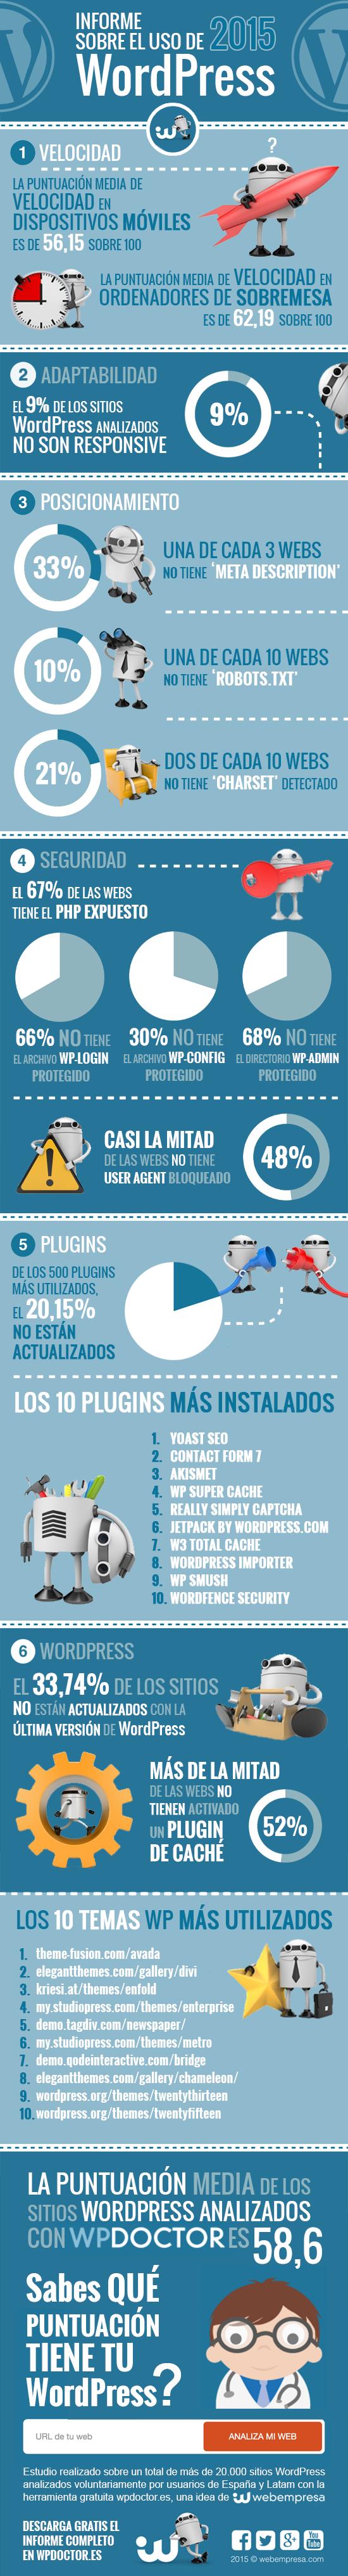 Actualidad Informática. Uso de WordPress en español. Rafael Barzanallana